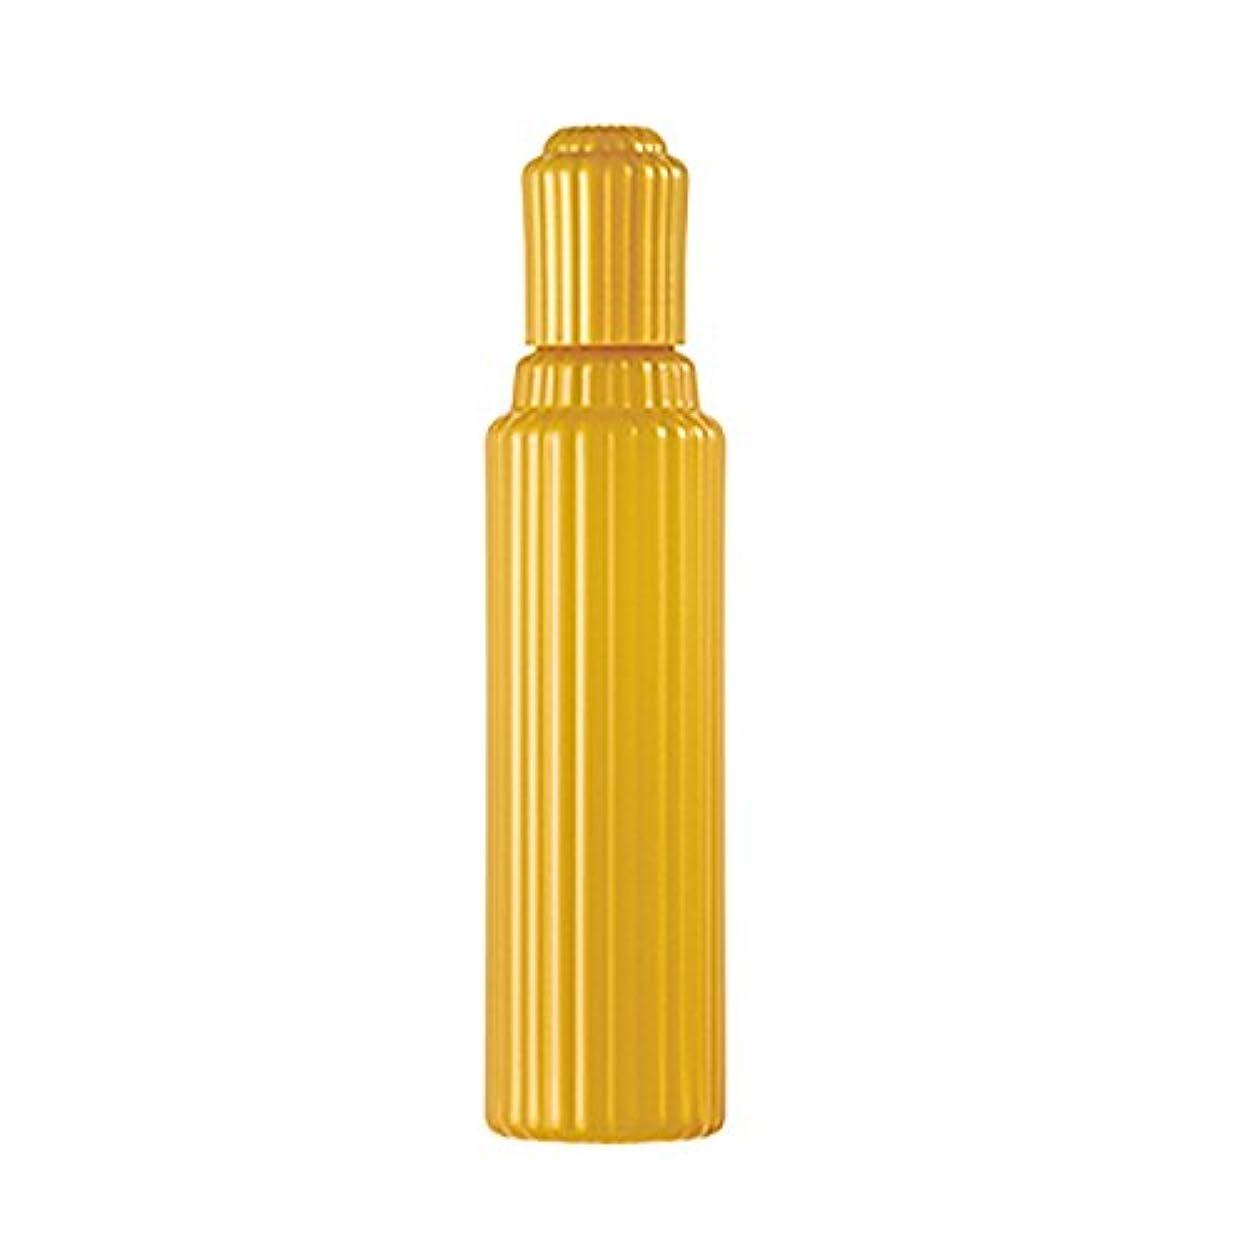 振動させるアジア人おめでとうアユーラ (AYURA) ビカッサヘッドセラム 120mL 〈スカルプ用 マッサージ 美容液〉